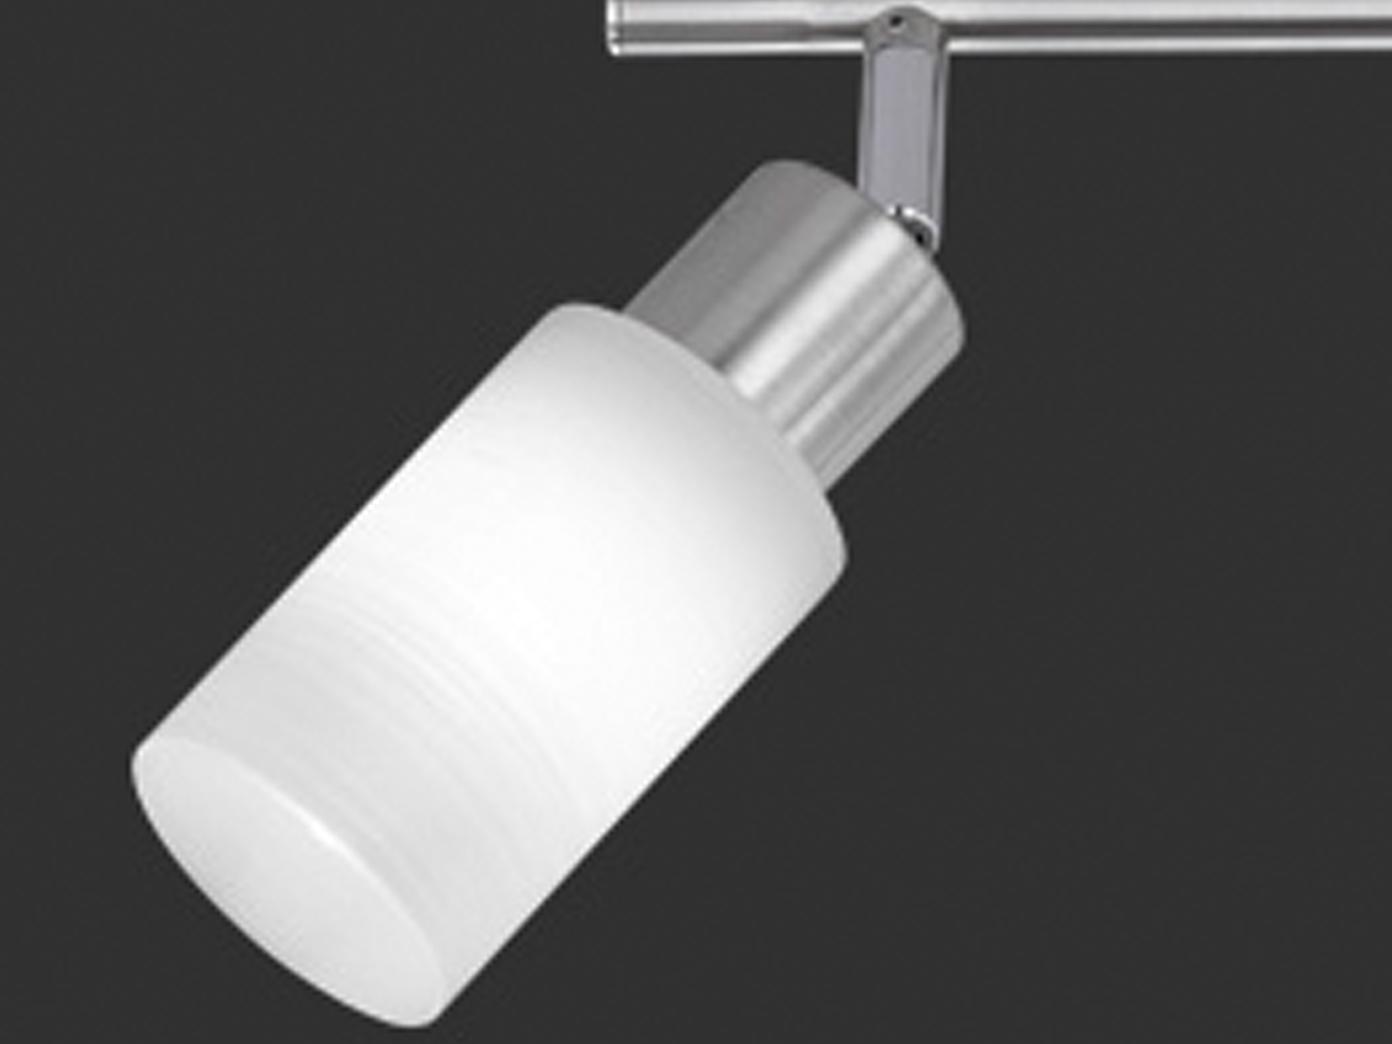 LED-Leuchtmittel Deckenschiene Trio-Leuchten 6-fl Nickel // Glas